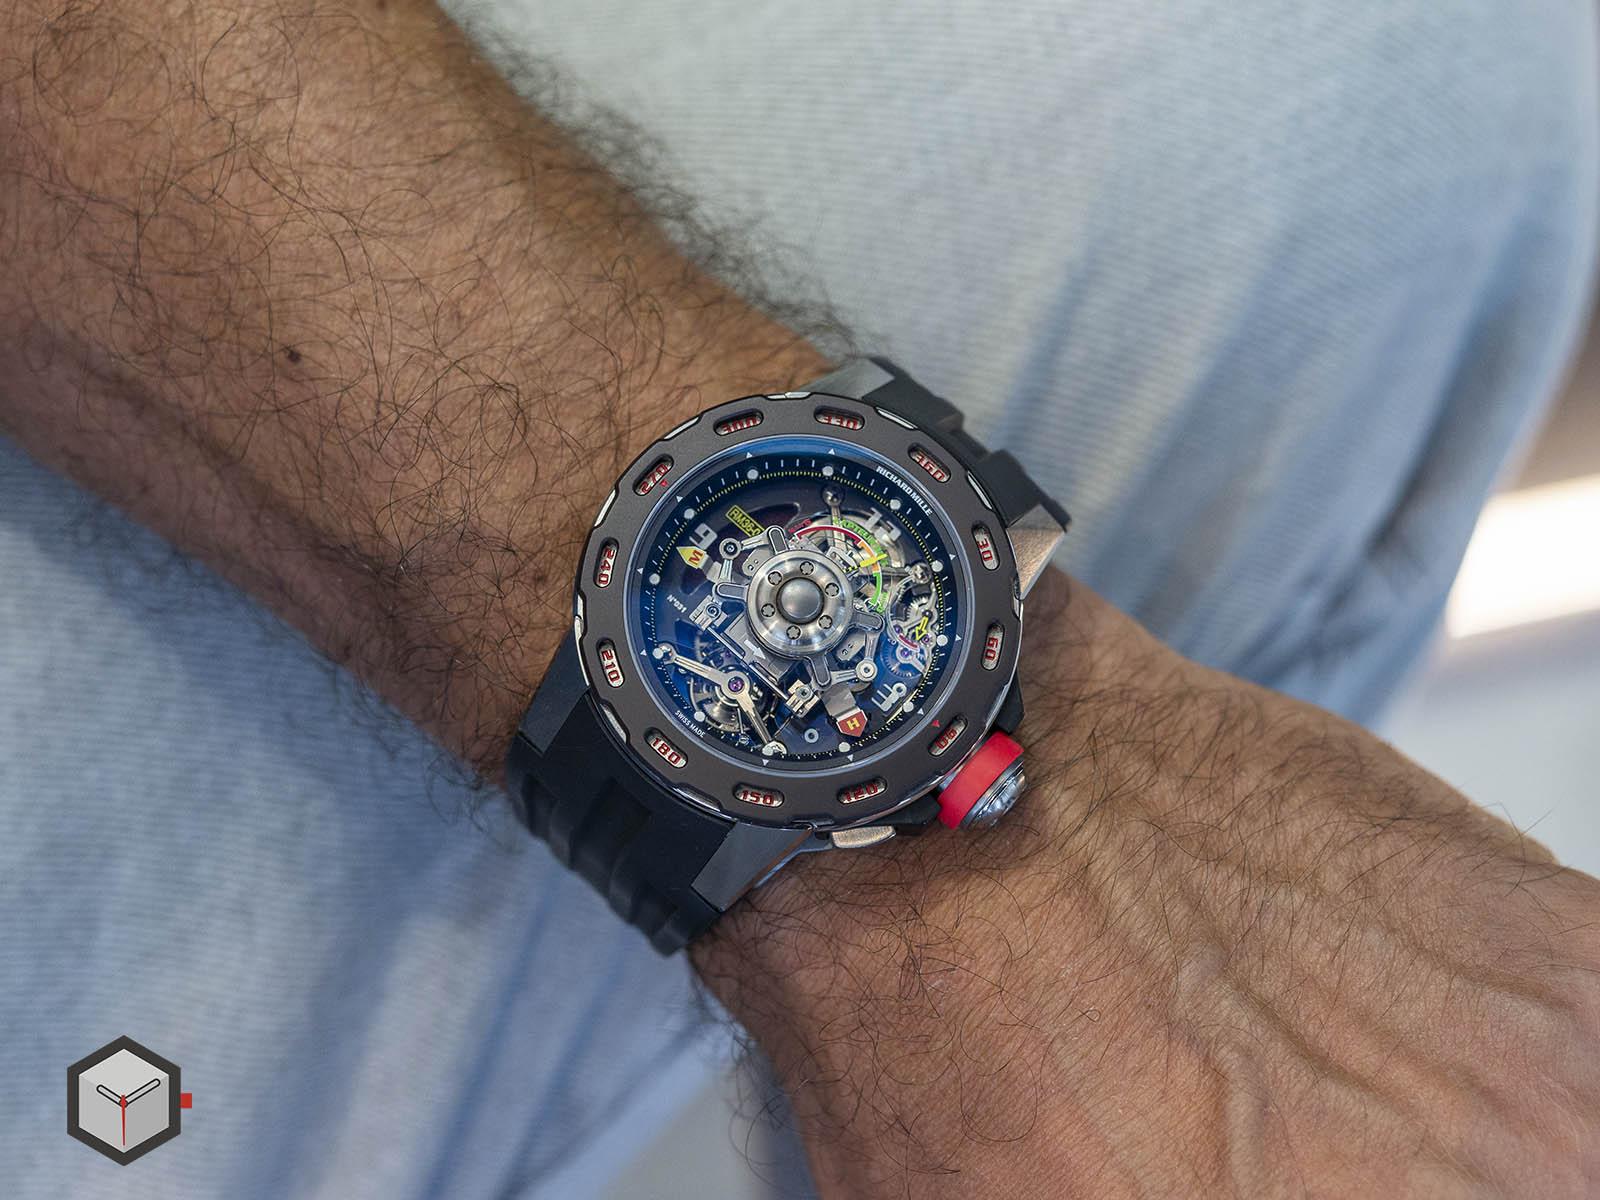 richard-mille-rm-36-01-tourbillon-g-sensor-sebastien-loeb-9.jpg